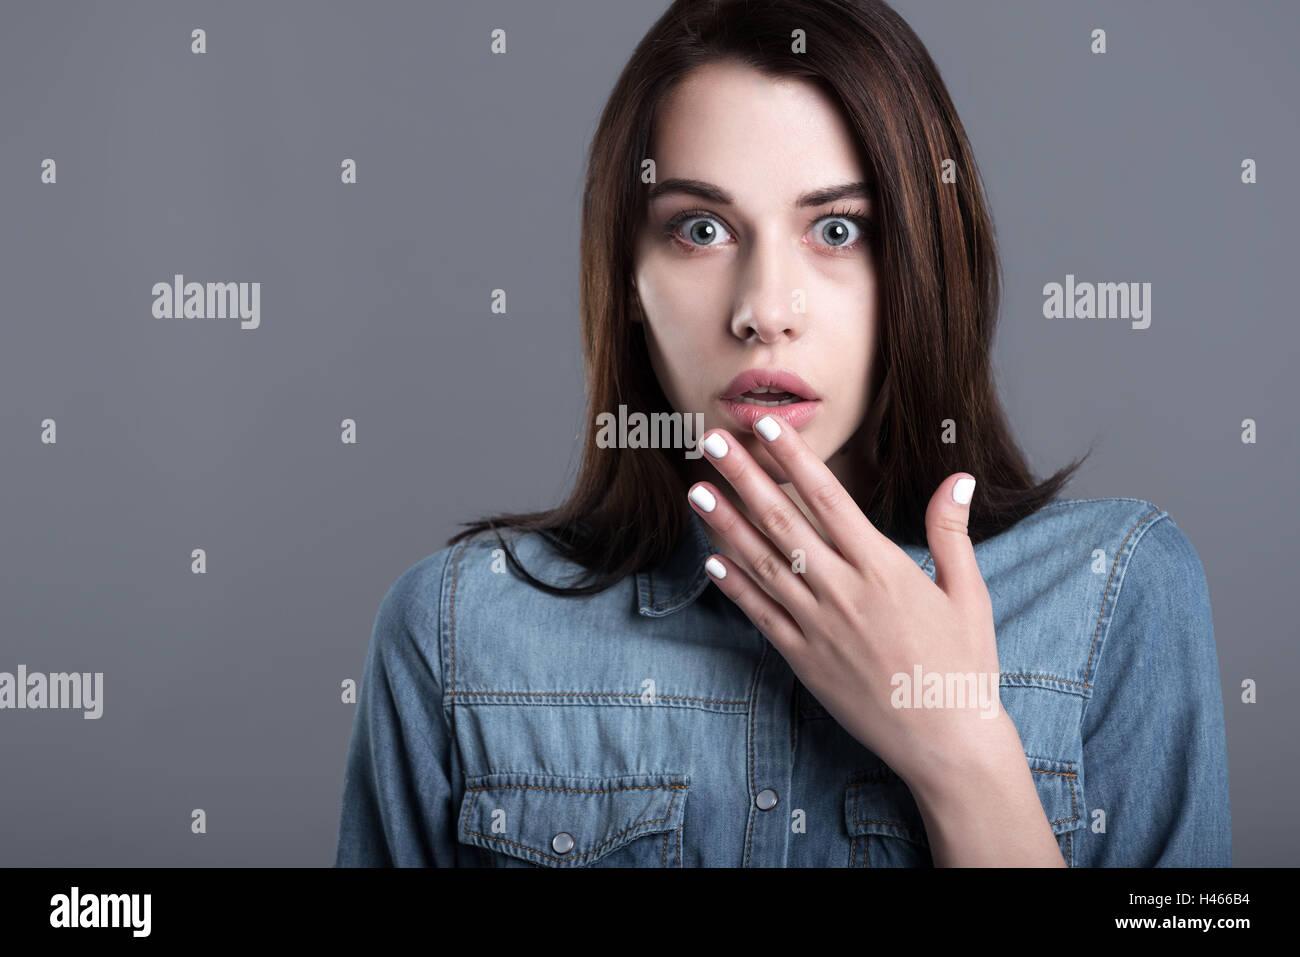 Asustada joven levantando la mano a la boca Imagen De Stock